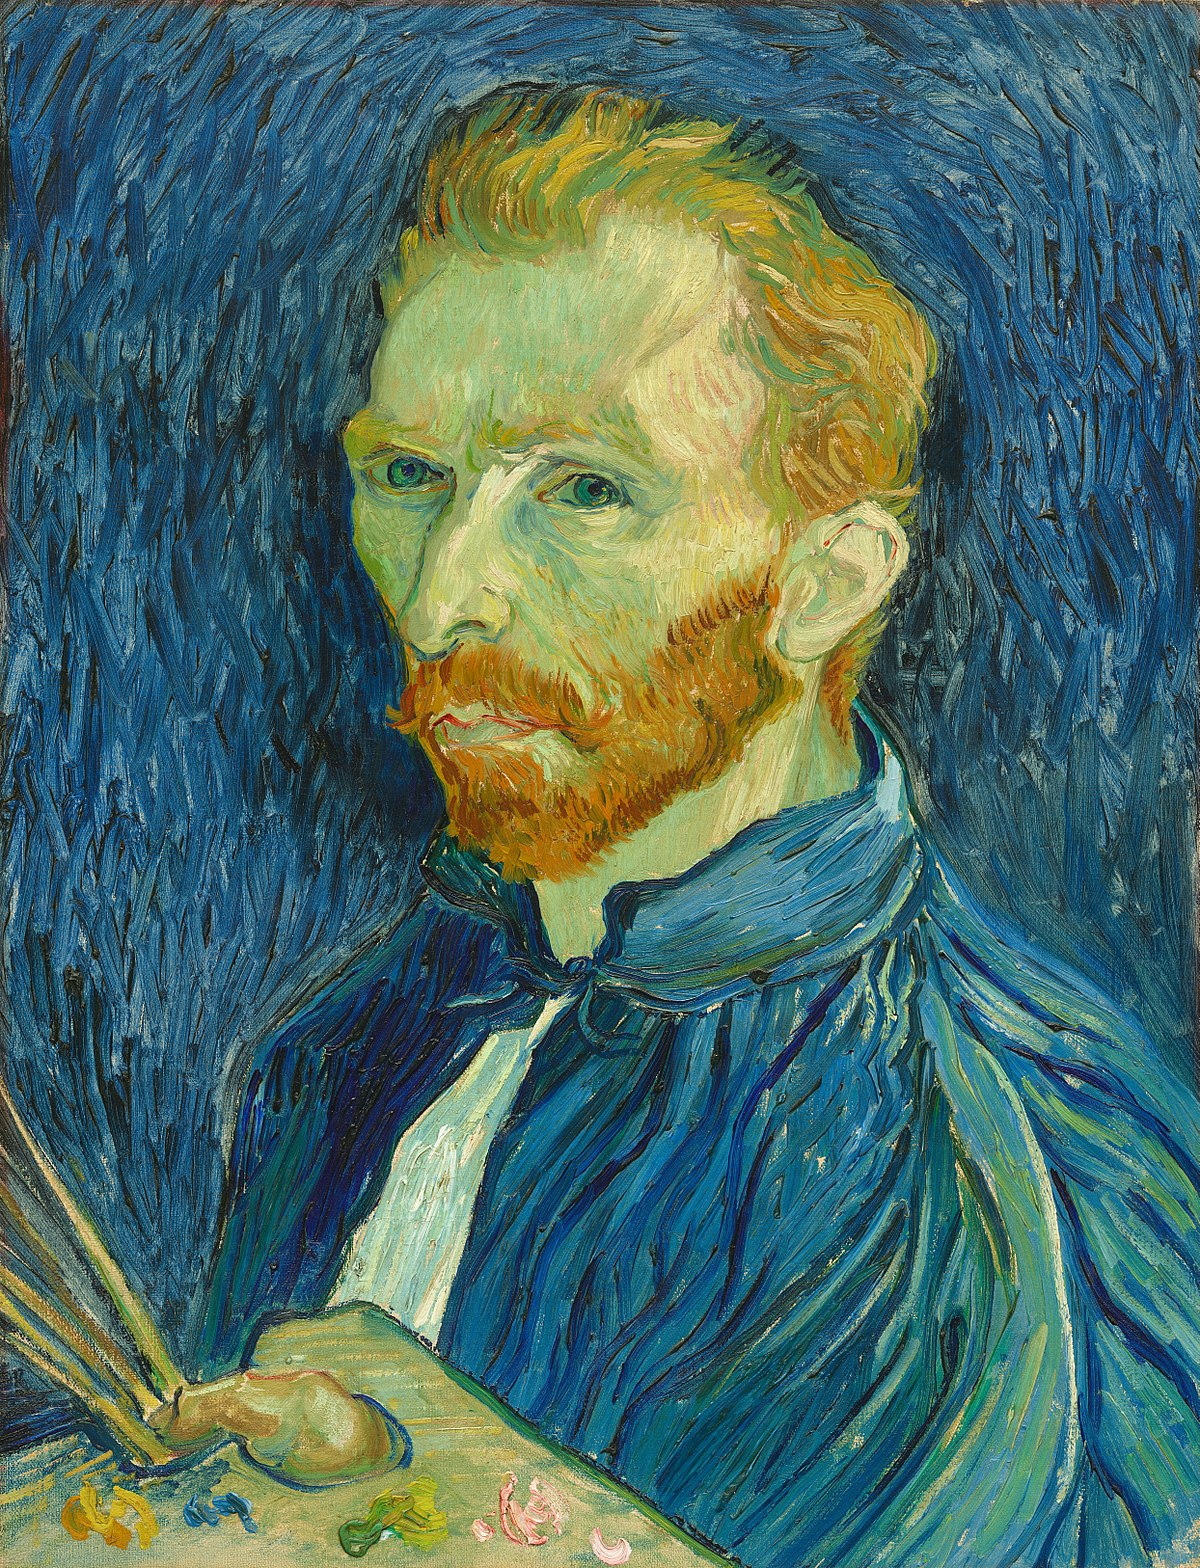 a7a8d52feff54 Vincent van Gogh - Wikiquote